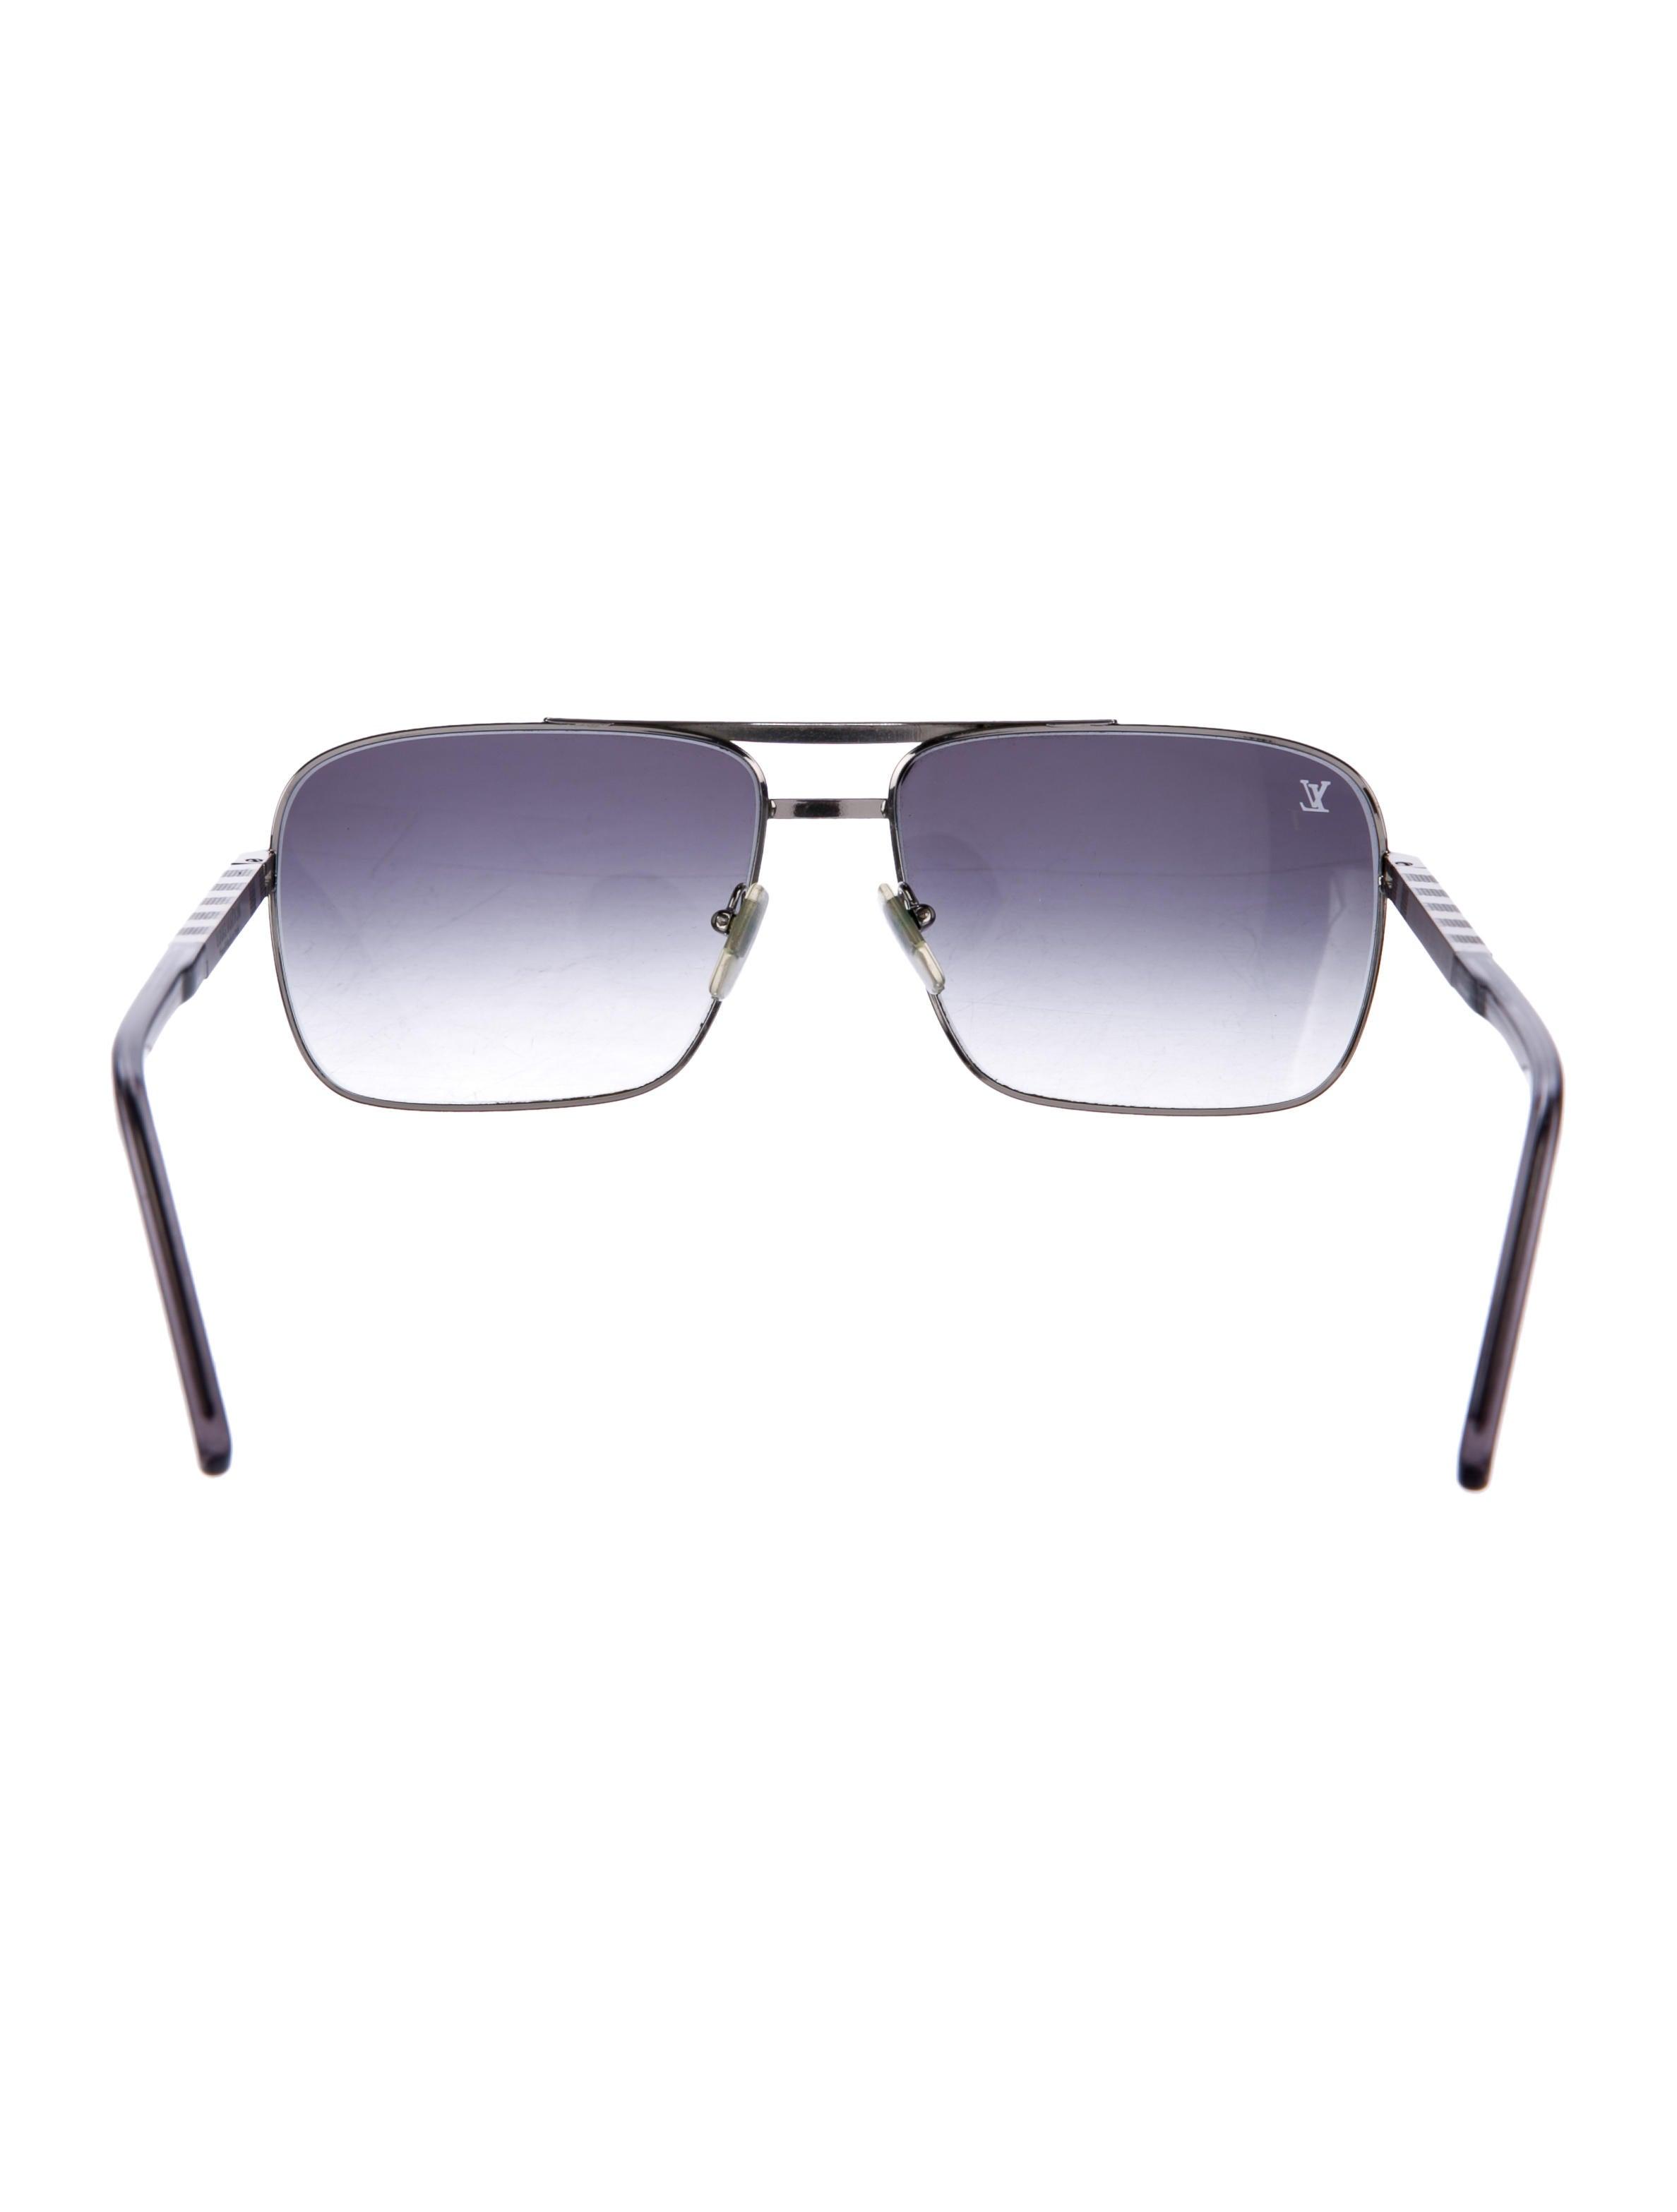 b51d2771eb7e Louis Vuitton Men s Attitude Sunglasses Replica - Bitterroot Public ...